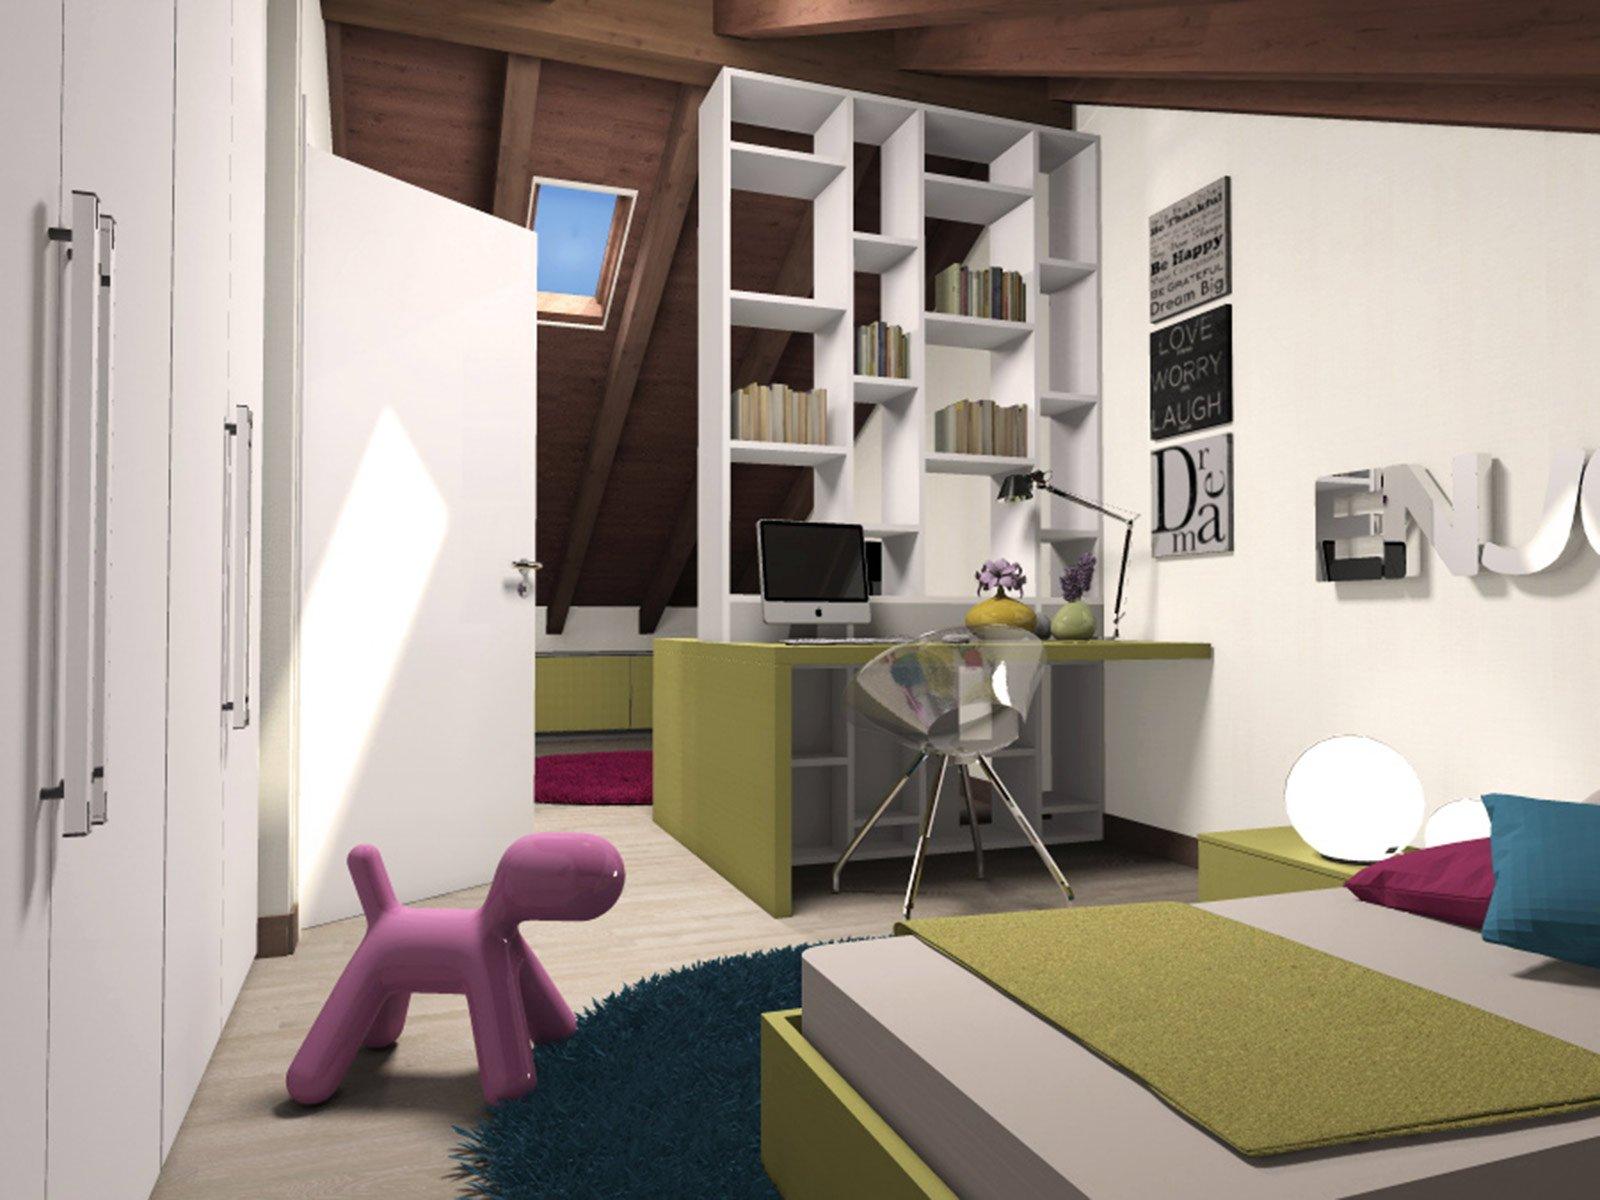 La mansarda da dividere in camera e studio cose di casa for Camera bambini design